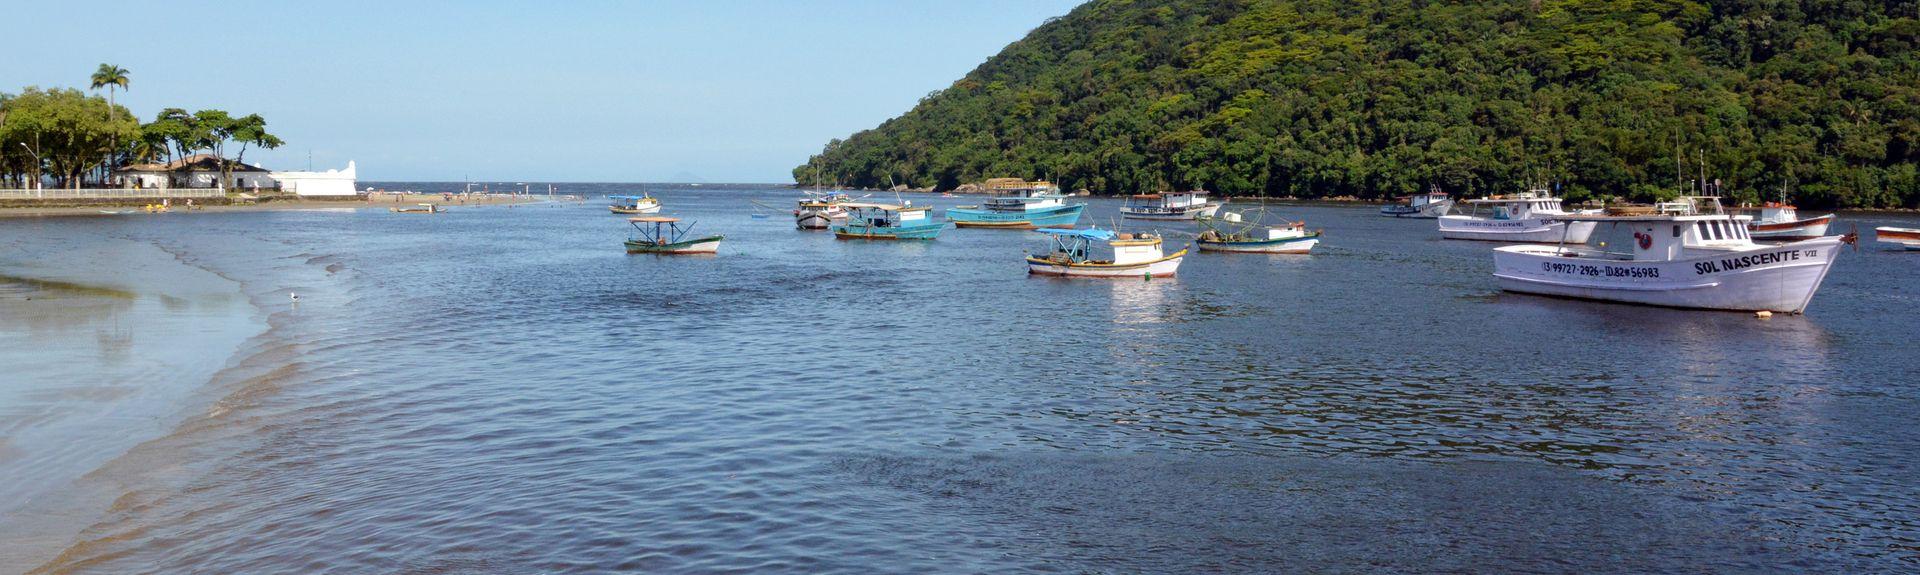 Praia de Itaguaré, Bertioga, Região Sudeste, Brasil